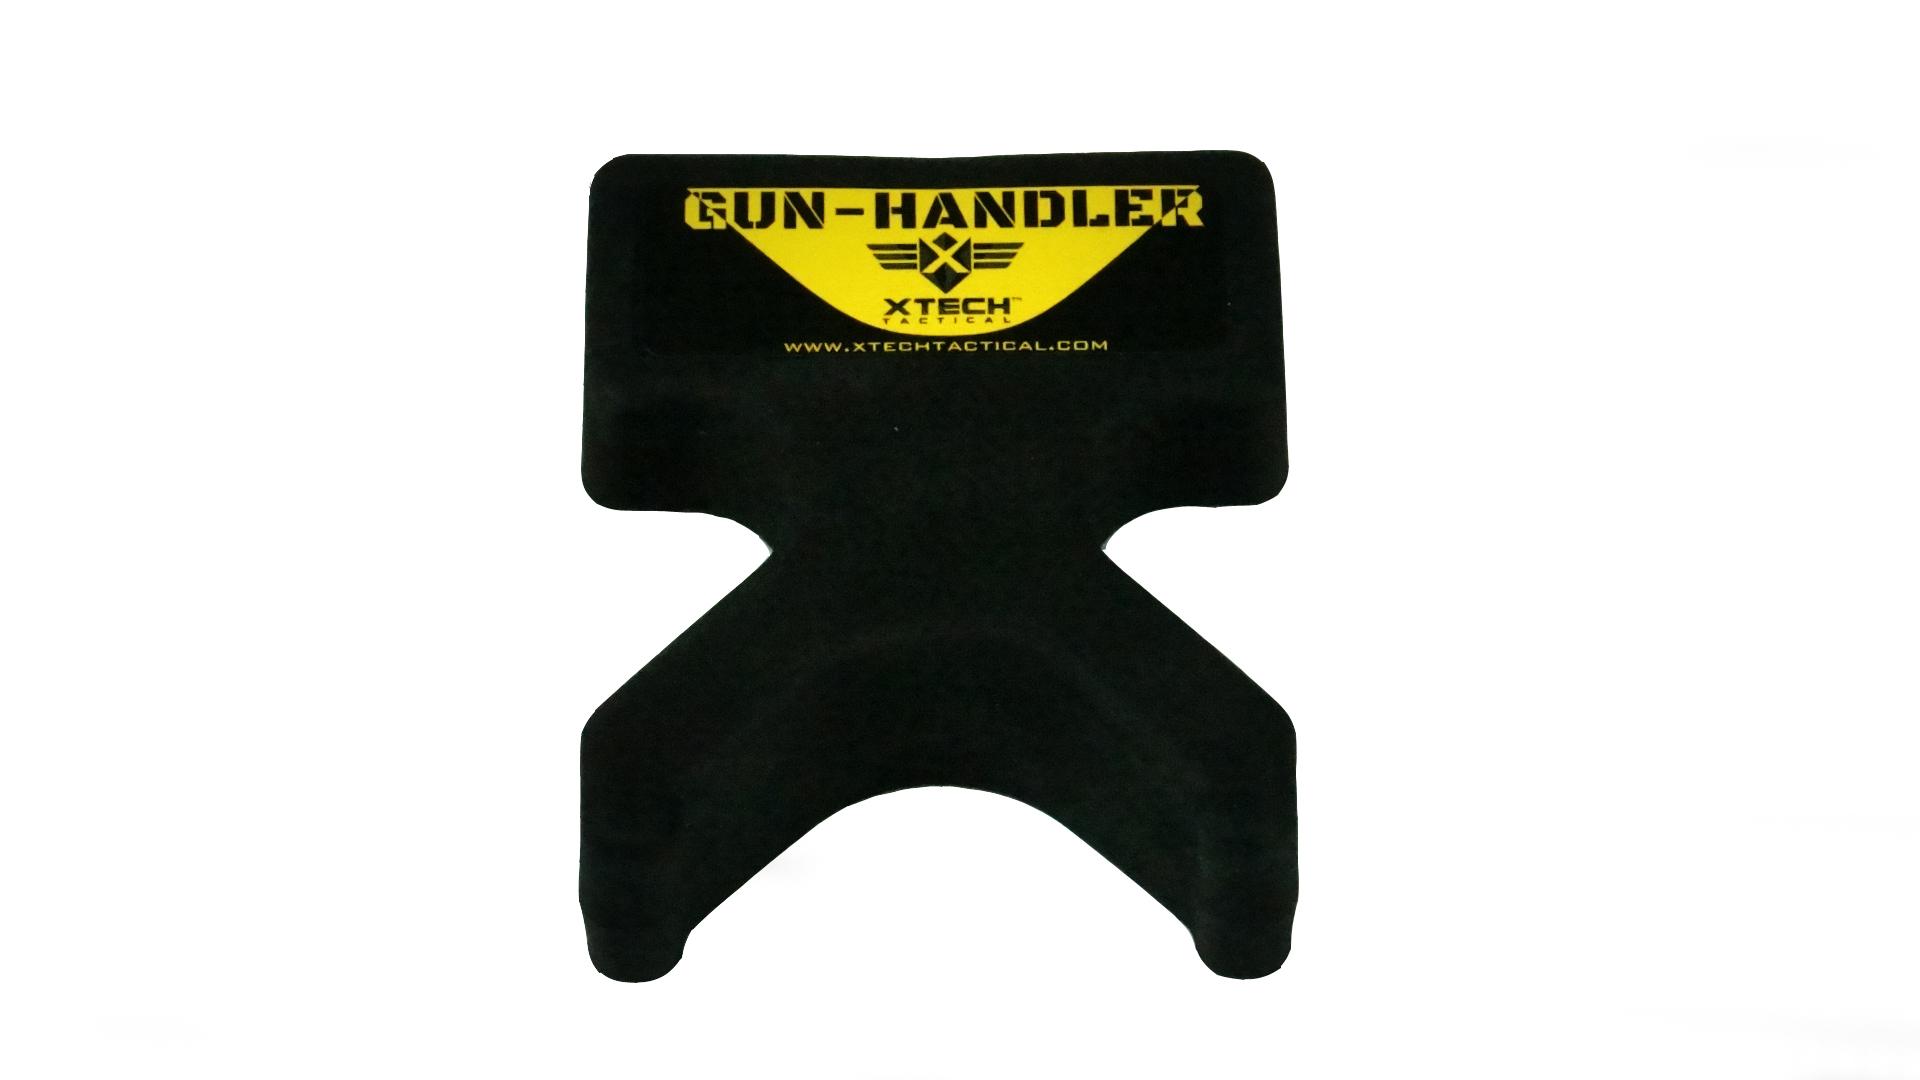 Gun-Handler